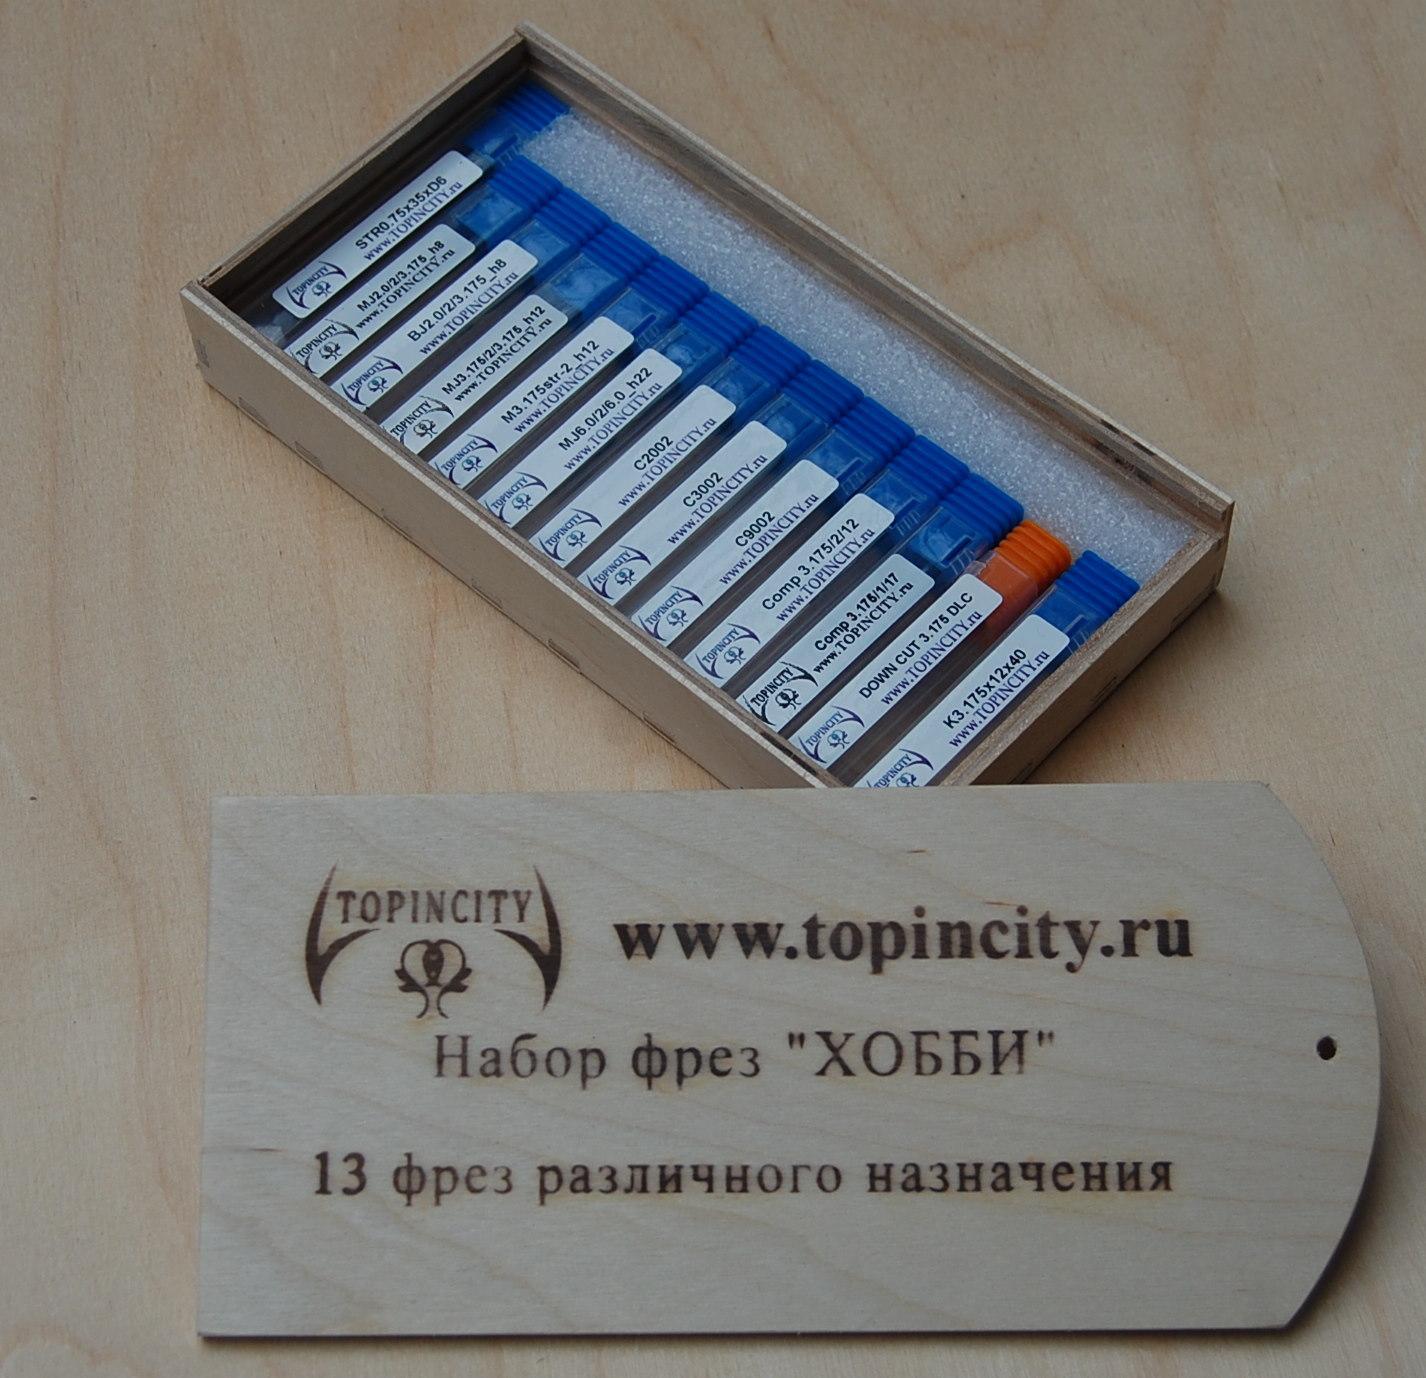 Набор фрез ХОББИ. 13 фрез, без которых не обойтись, без которых станок - это просто железо.